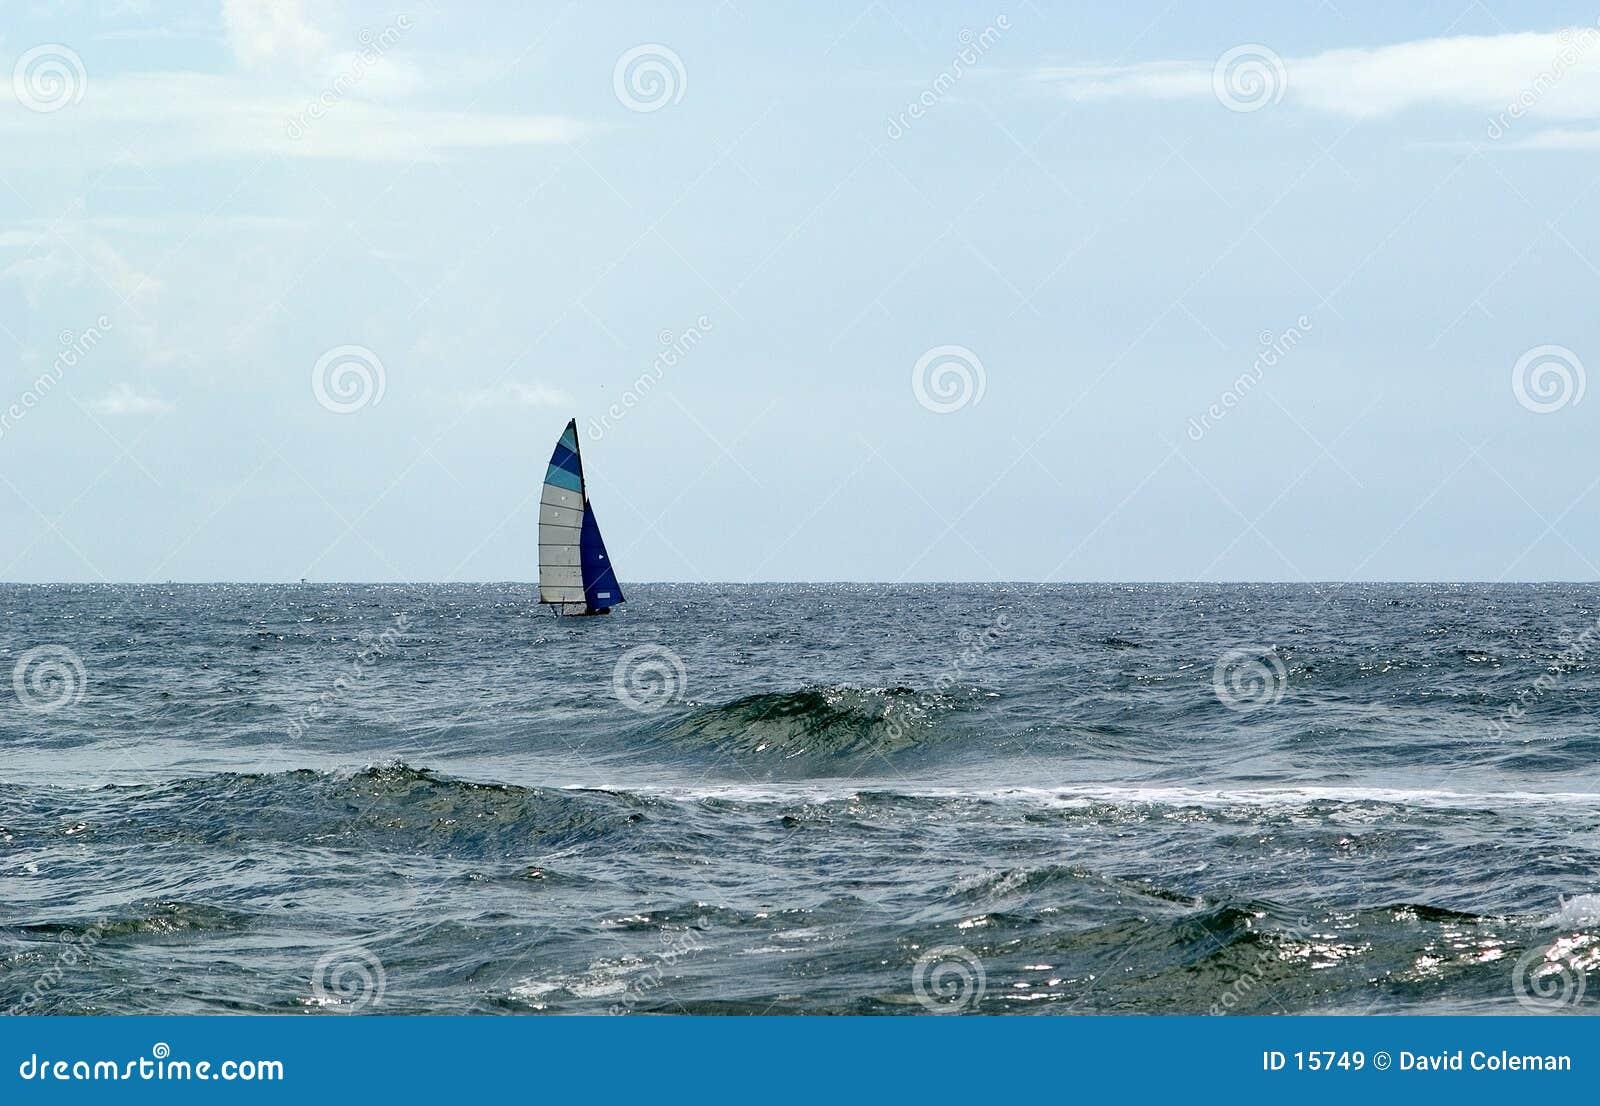 Navegación en agua abierta